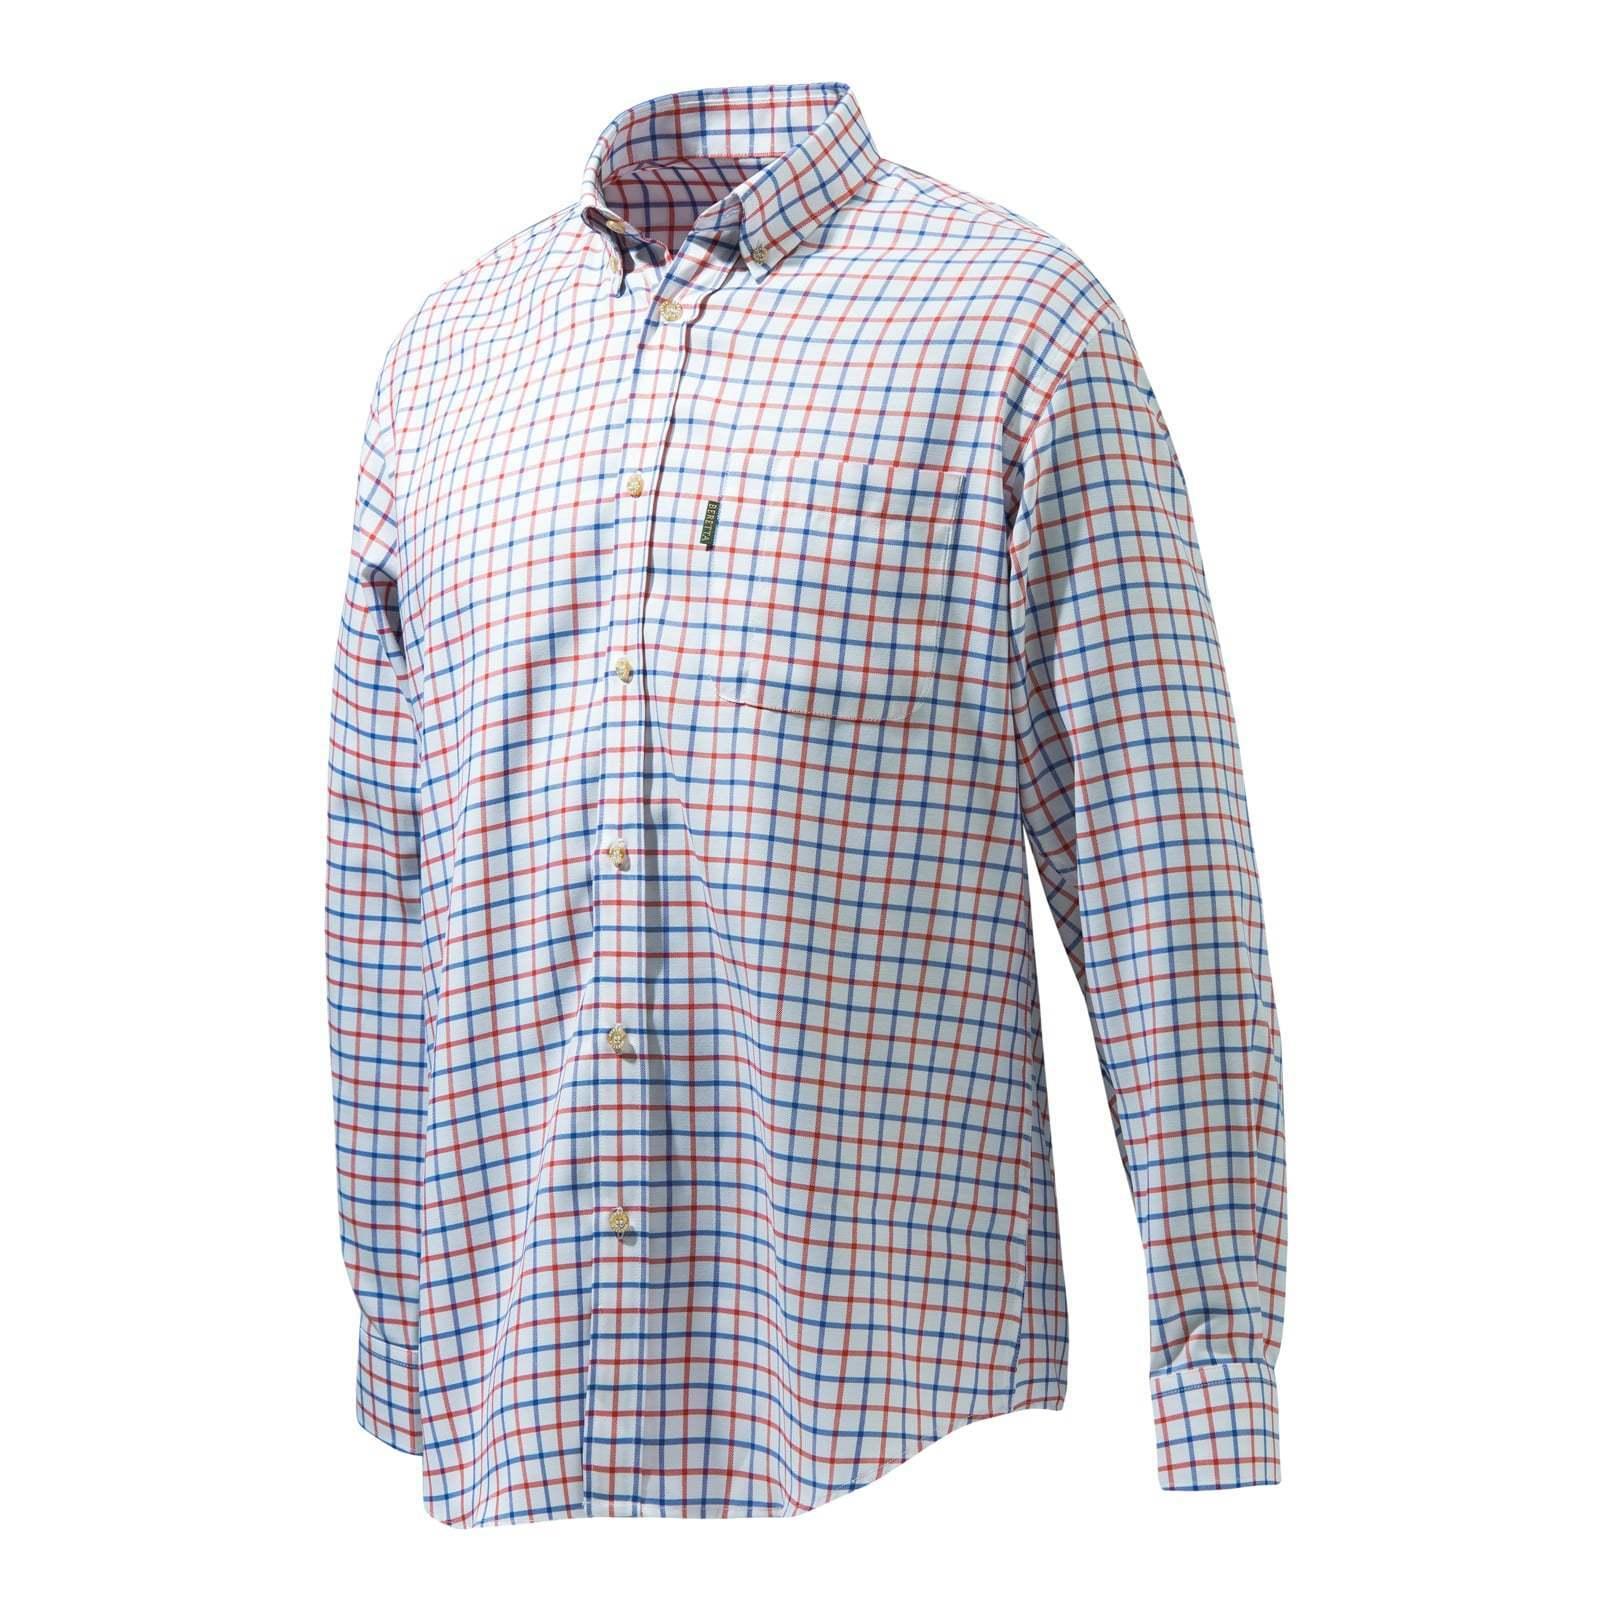 Beretta Classic Shirt - Red bluee White